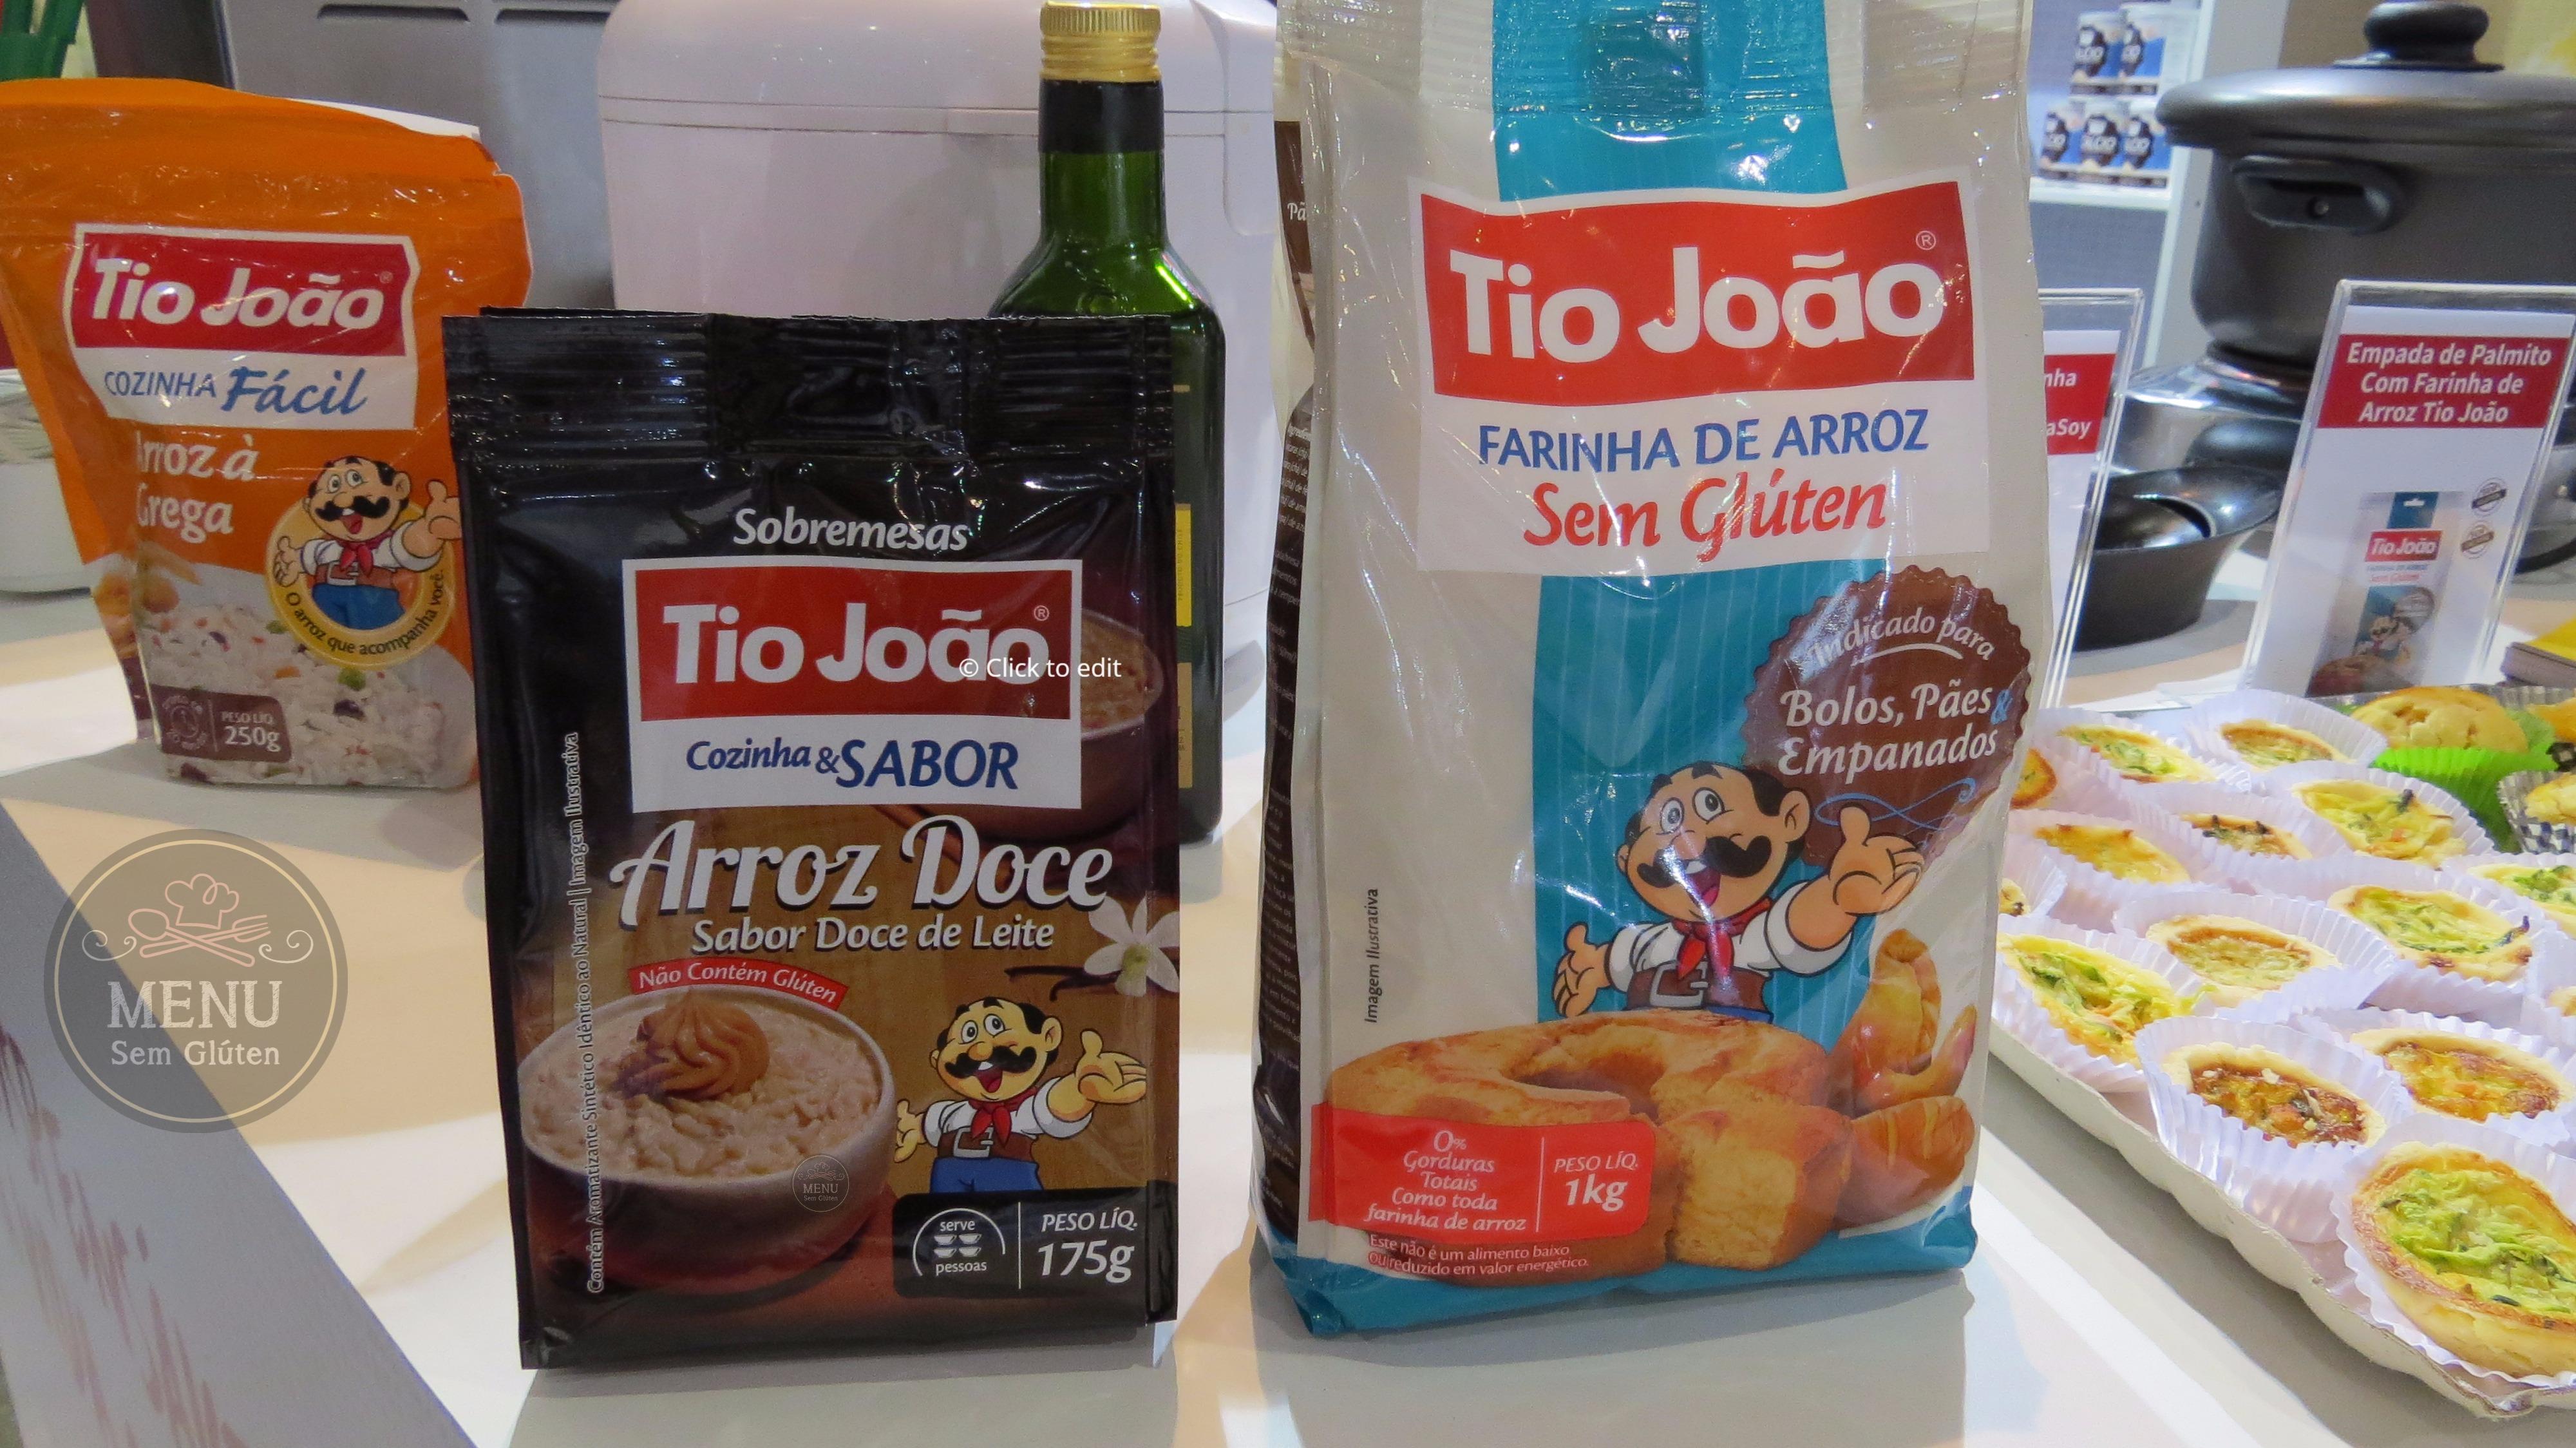 farinha de arroz tio joão